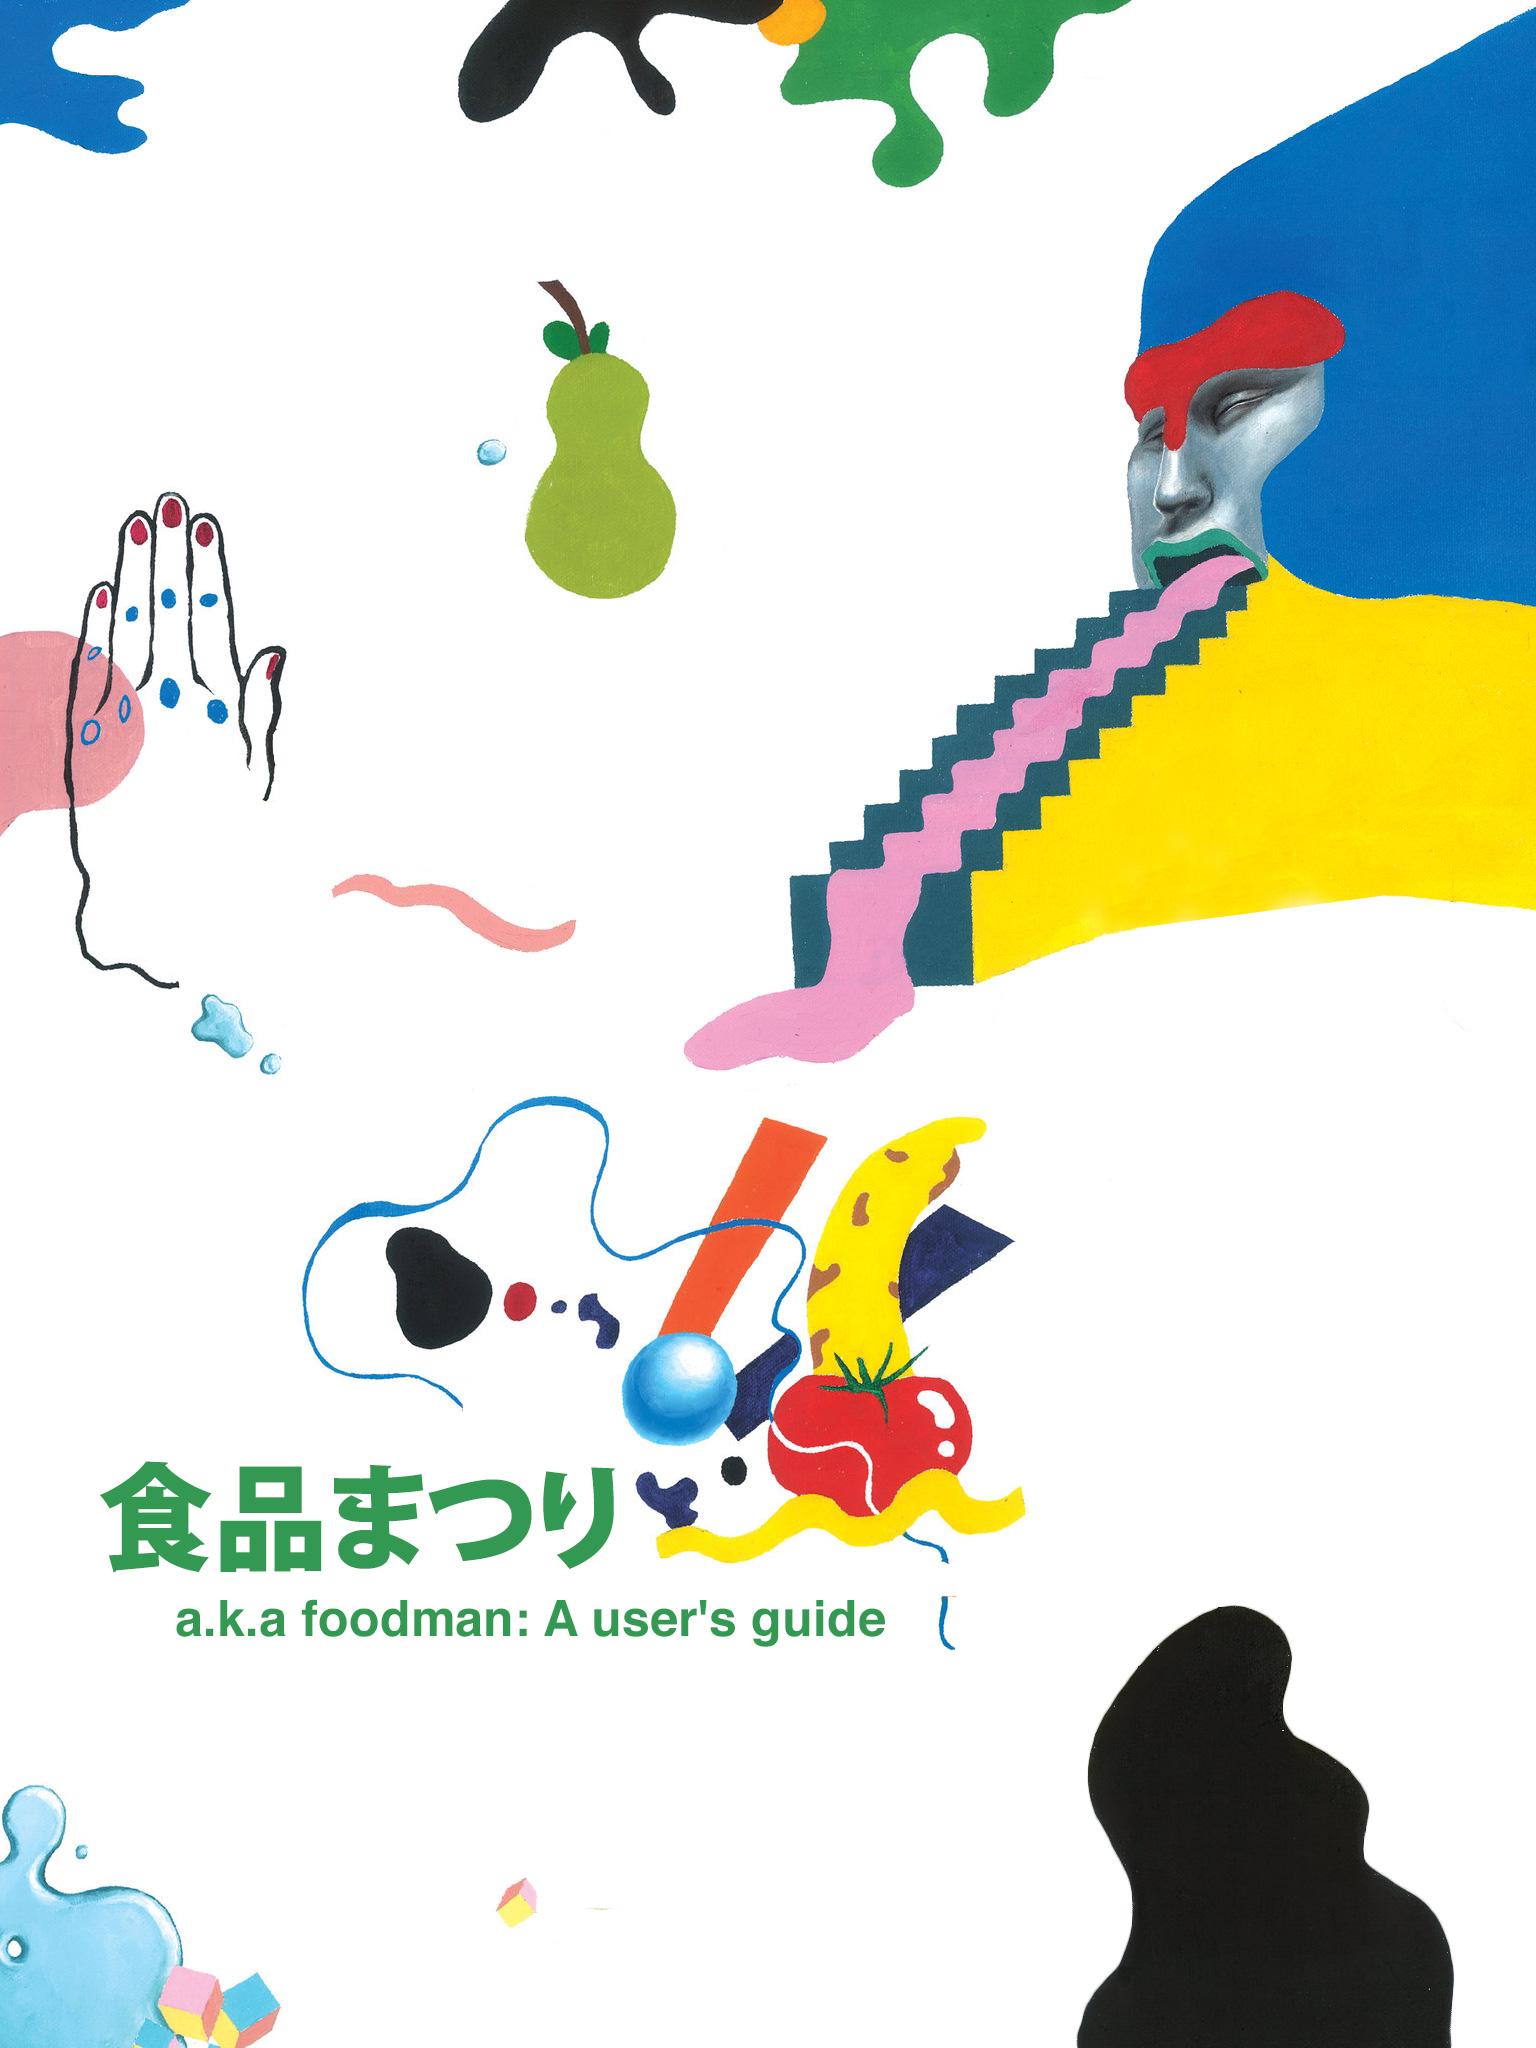 食品まつり a.k.a foodman: A user's guide